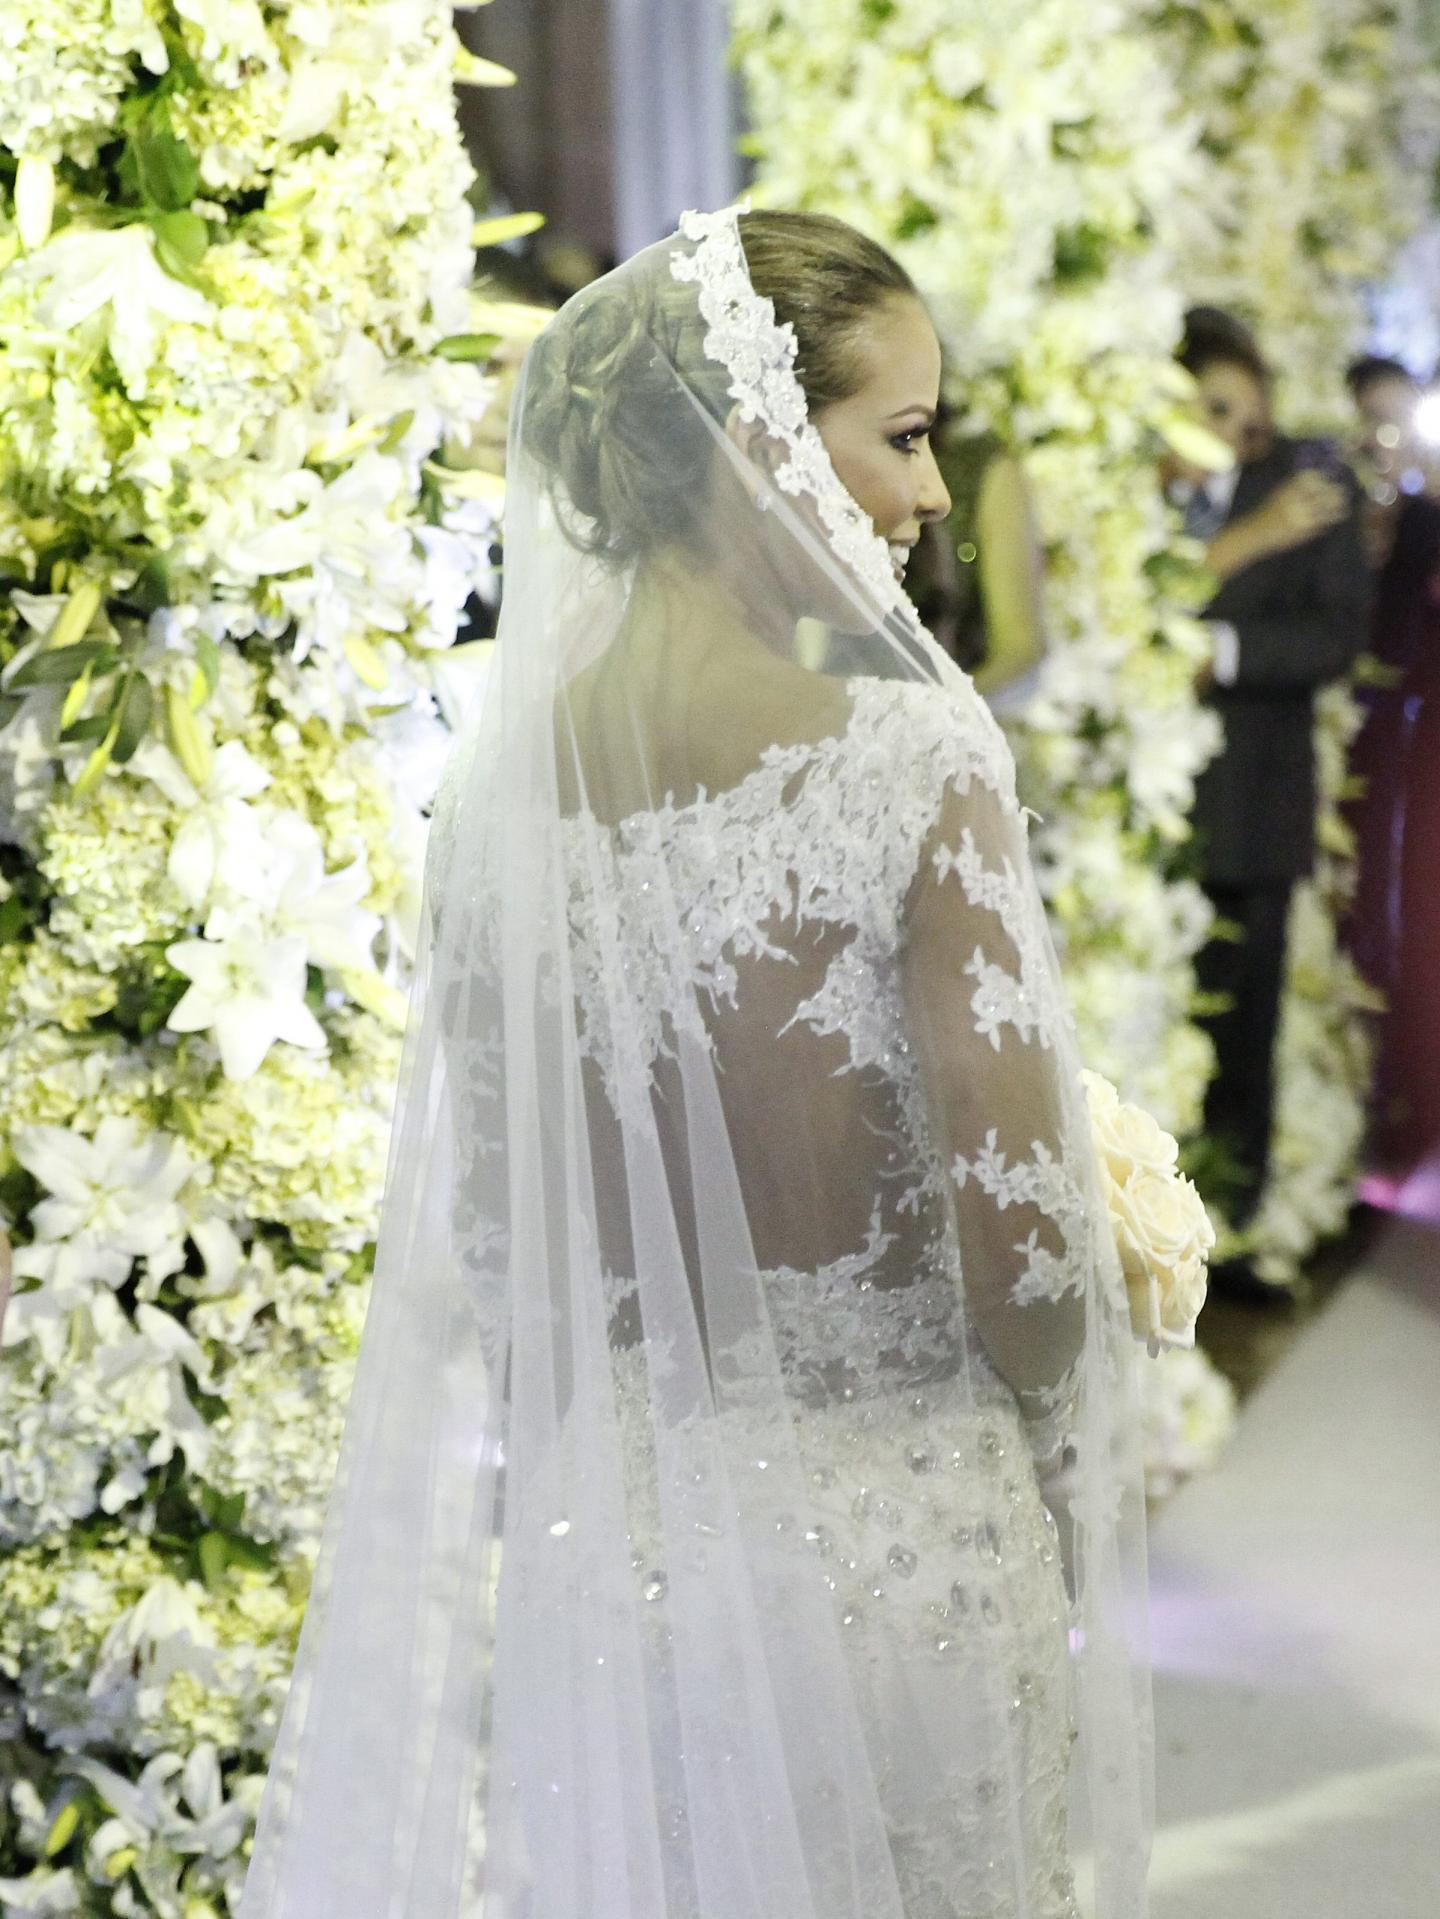 Matrimonio Catolico Costa Rica : Las bodas de llorente keylor y rakitic el imparcial